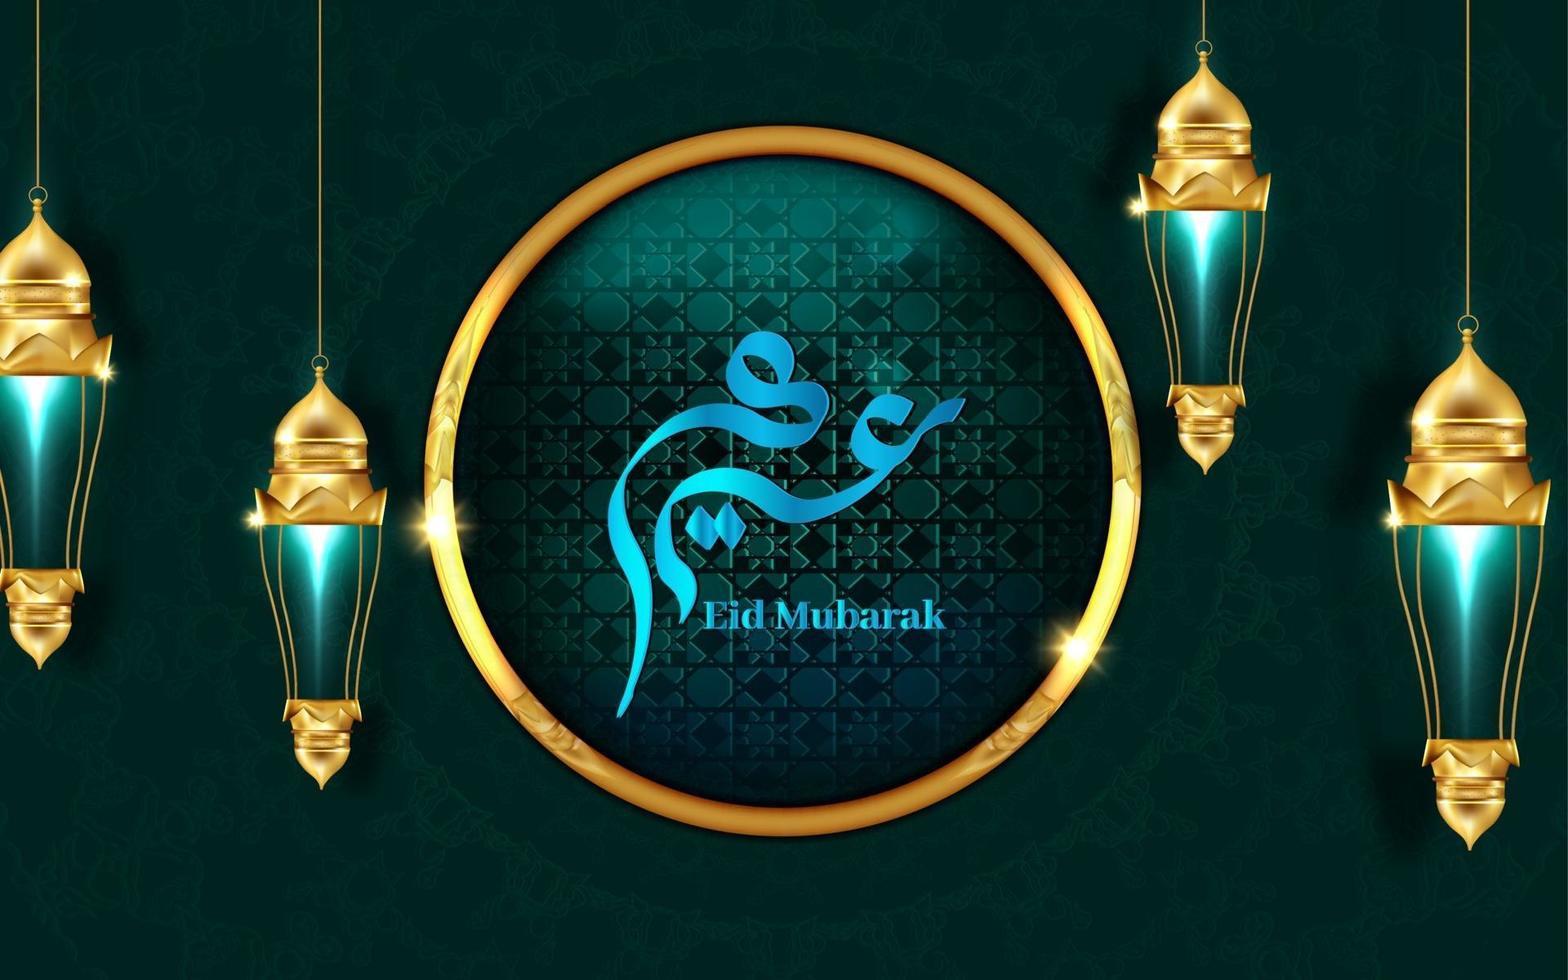 eid mubarak bellissimo biglietto di auguri con calligrafia araba vettore